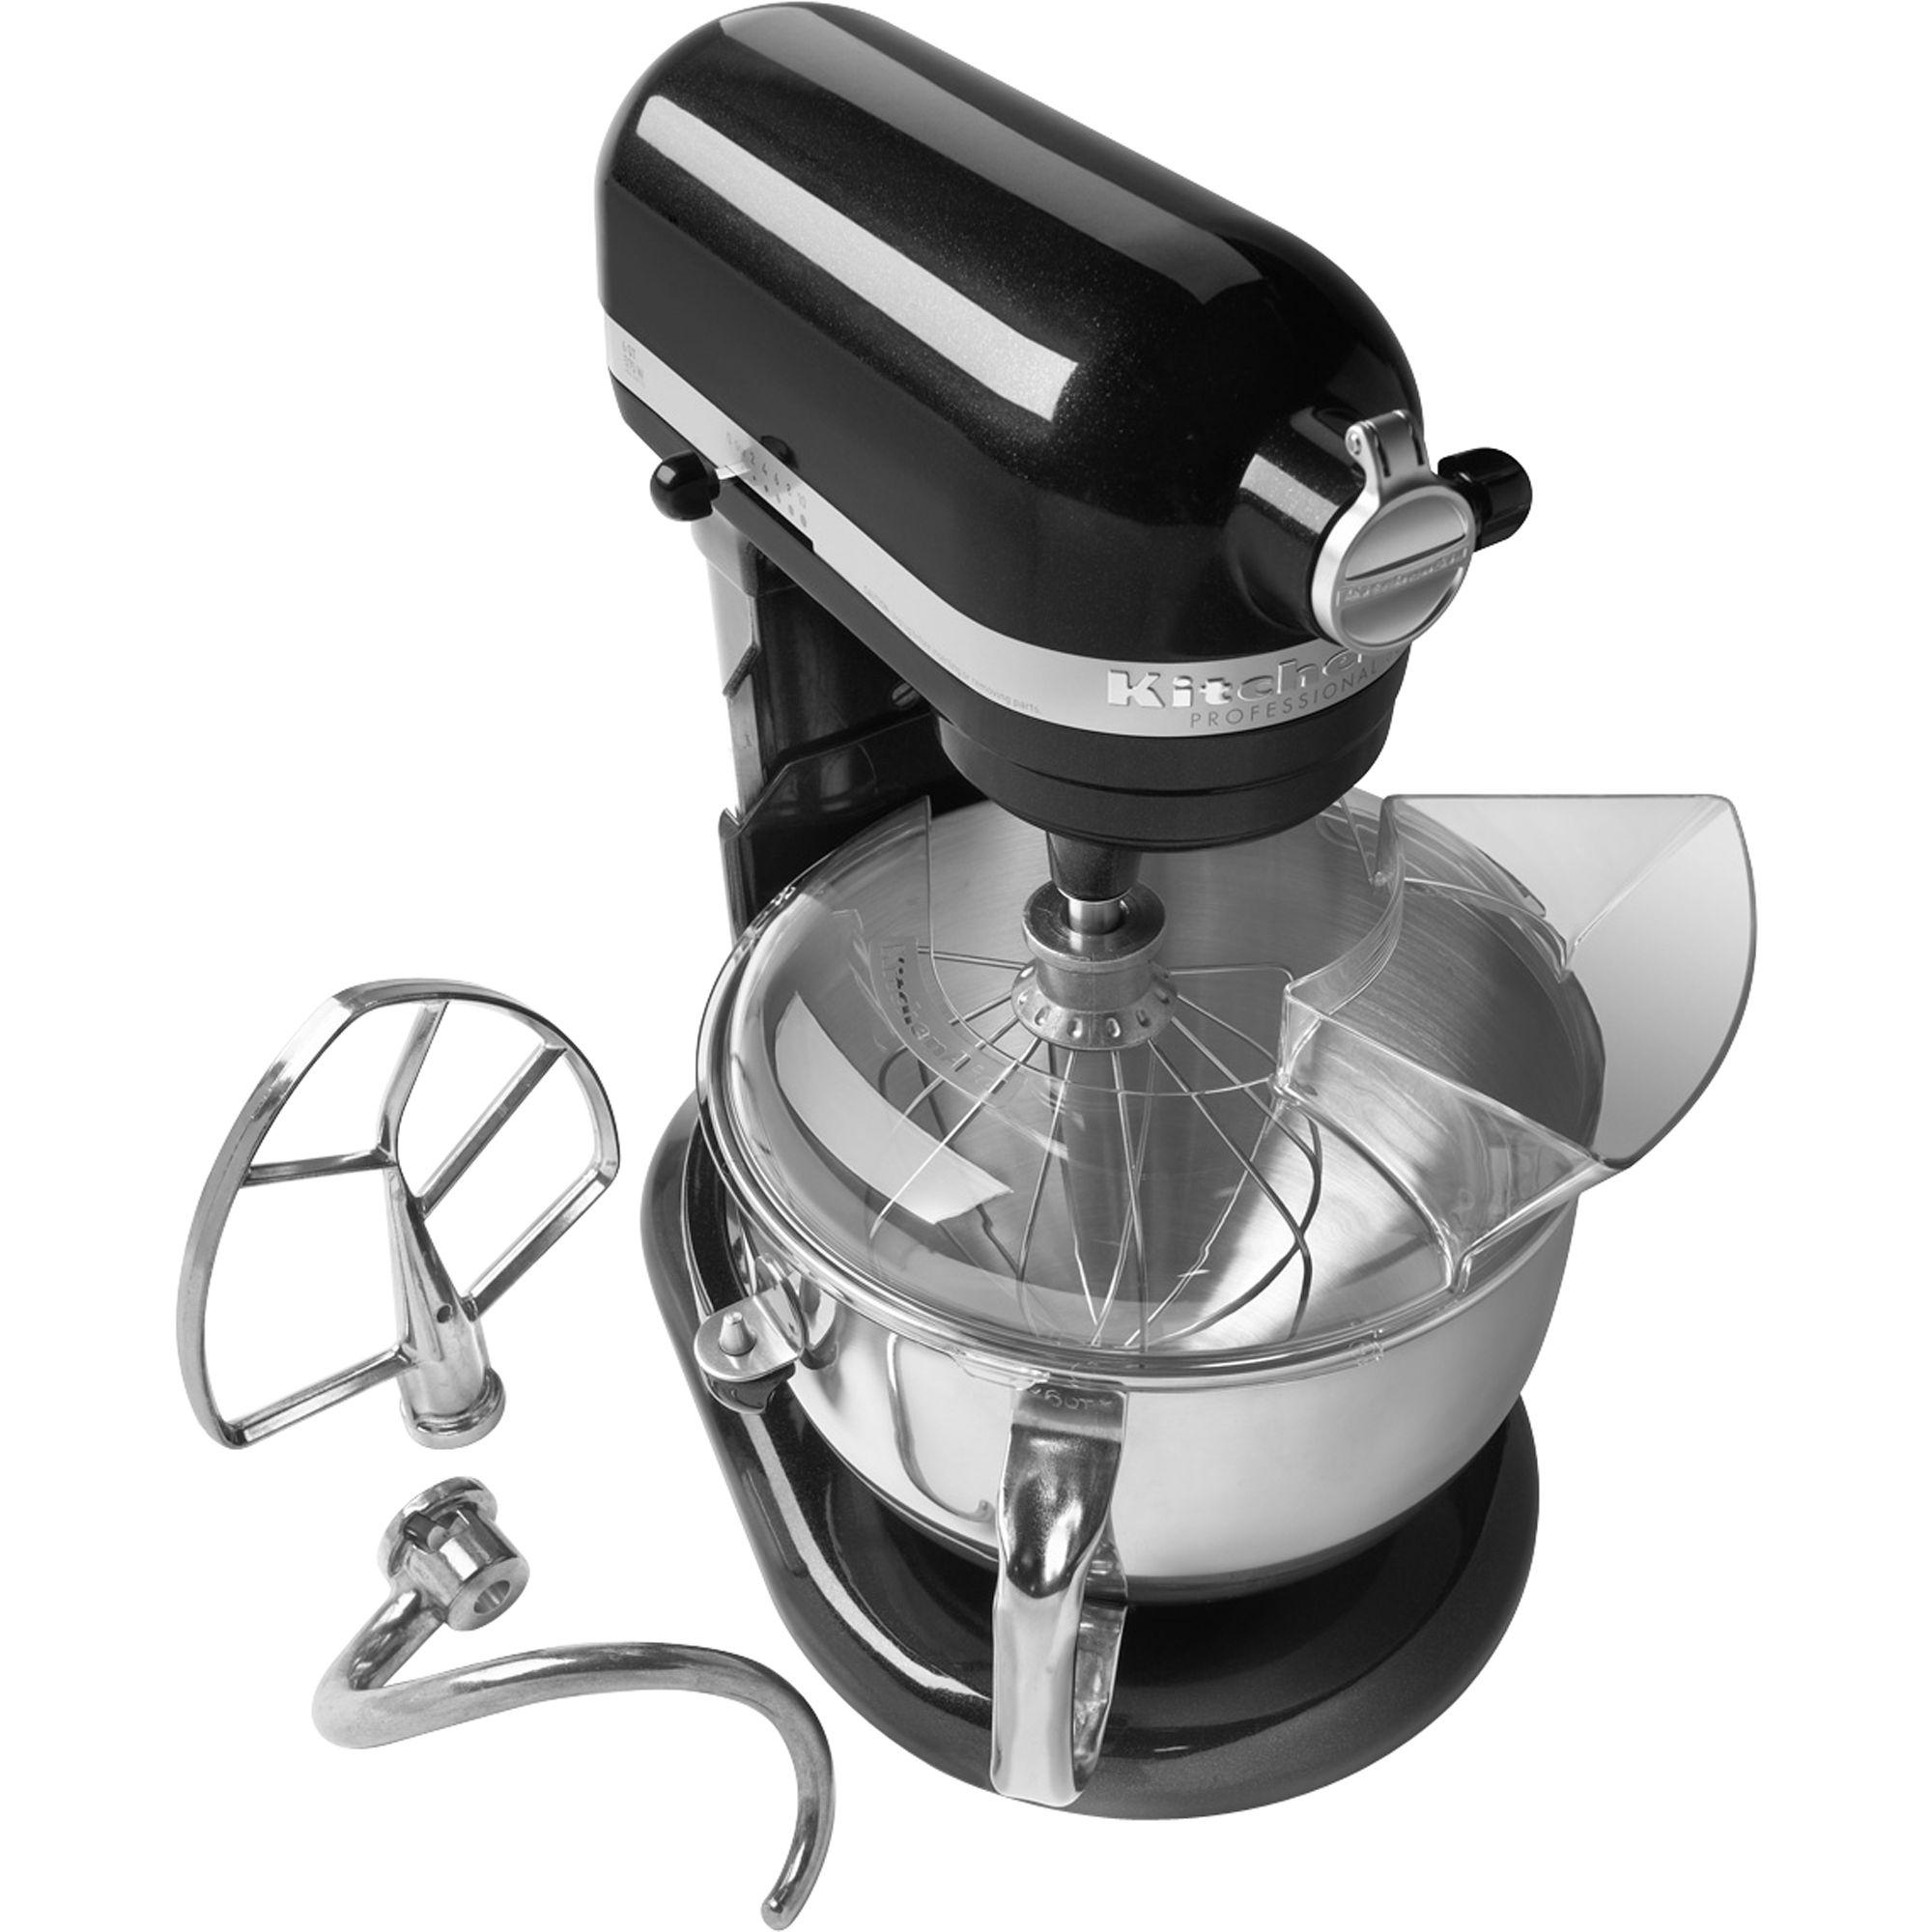 KitchenAid KP26M1XCV Professional 600 6 Qt Caviar Stand Mixer